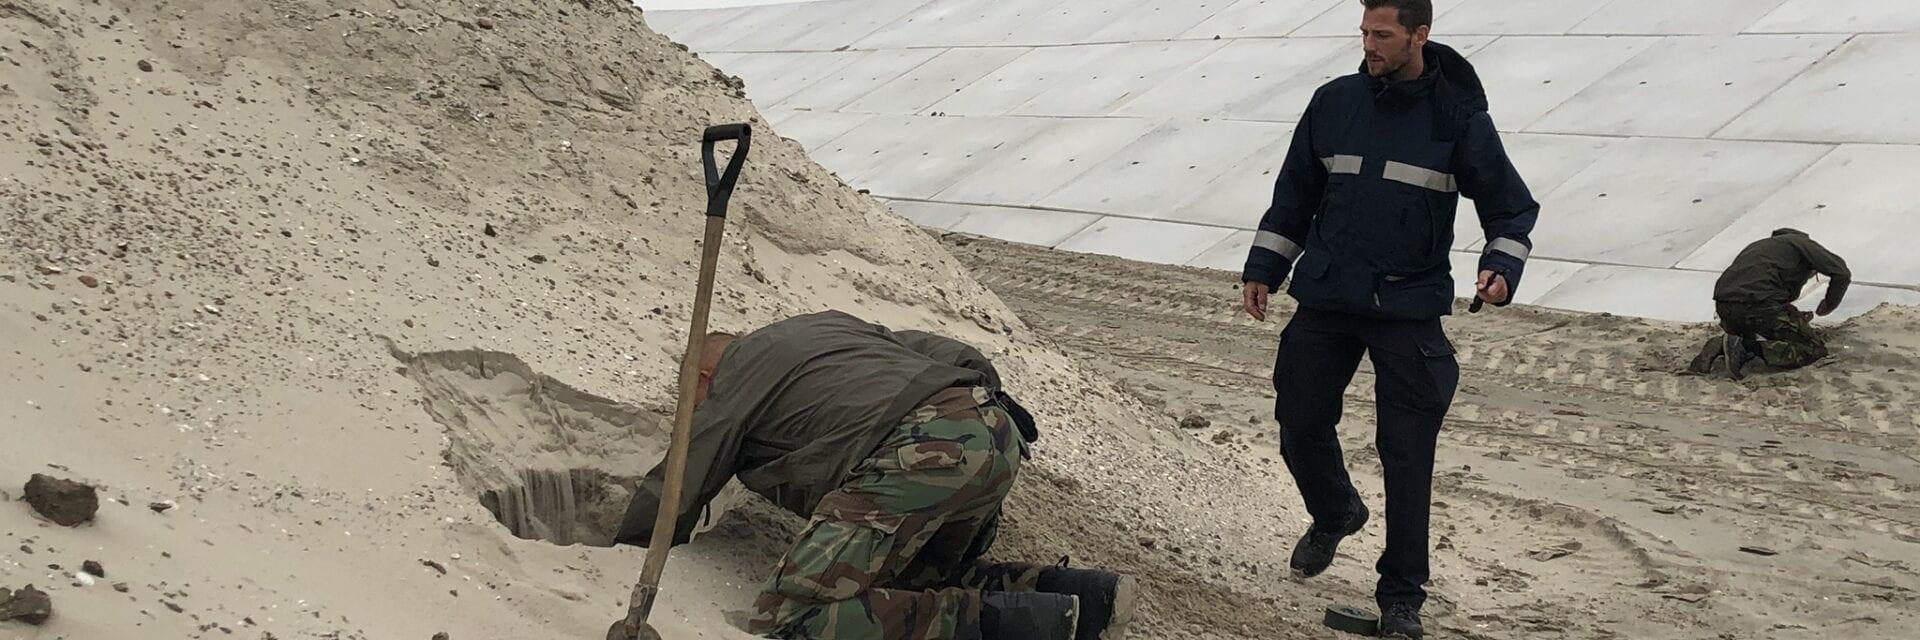 Op deze foto zie je een man op zijn knieën zitten in het zand van een soort duin, met een schep naast zich. En een andere man komt aanlopen. Je ziet stenen op de achtergrond.